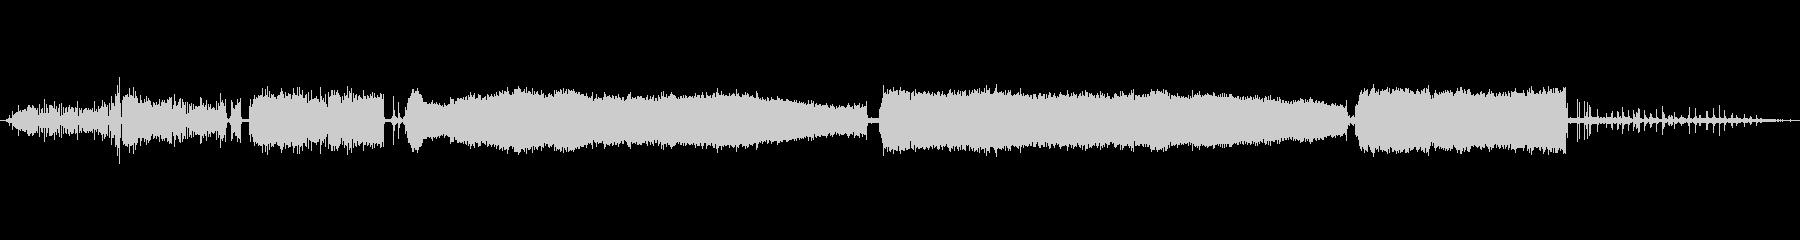 車 サーブ92加速重排気01の未再生の波形